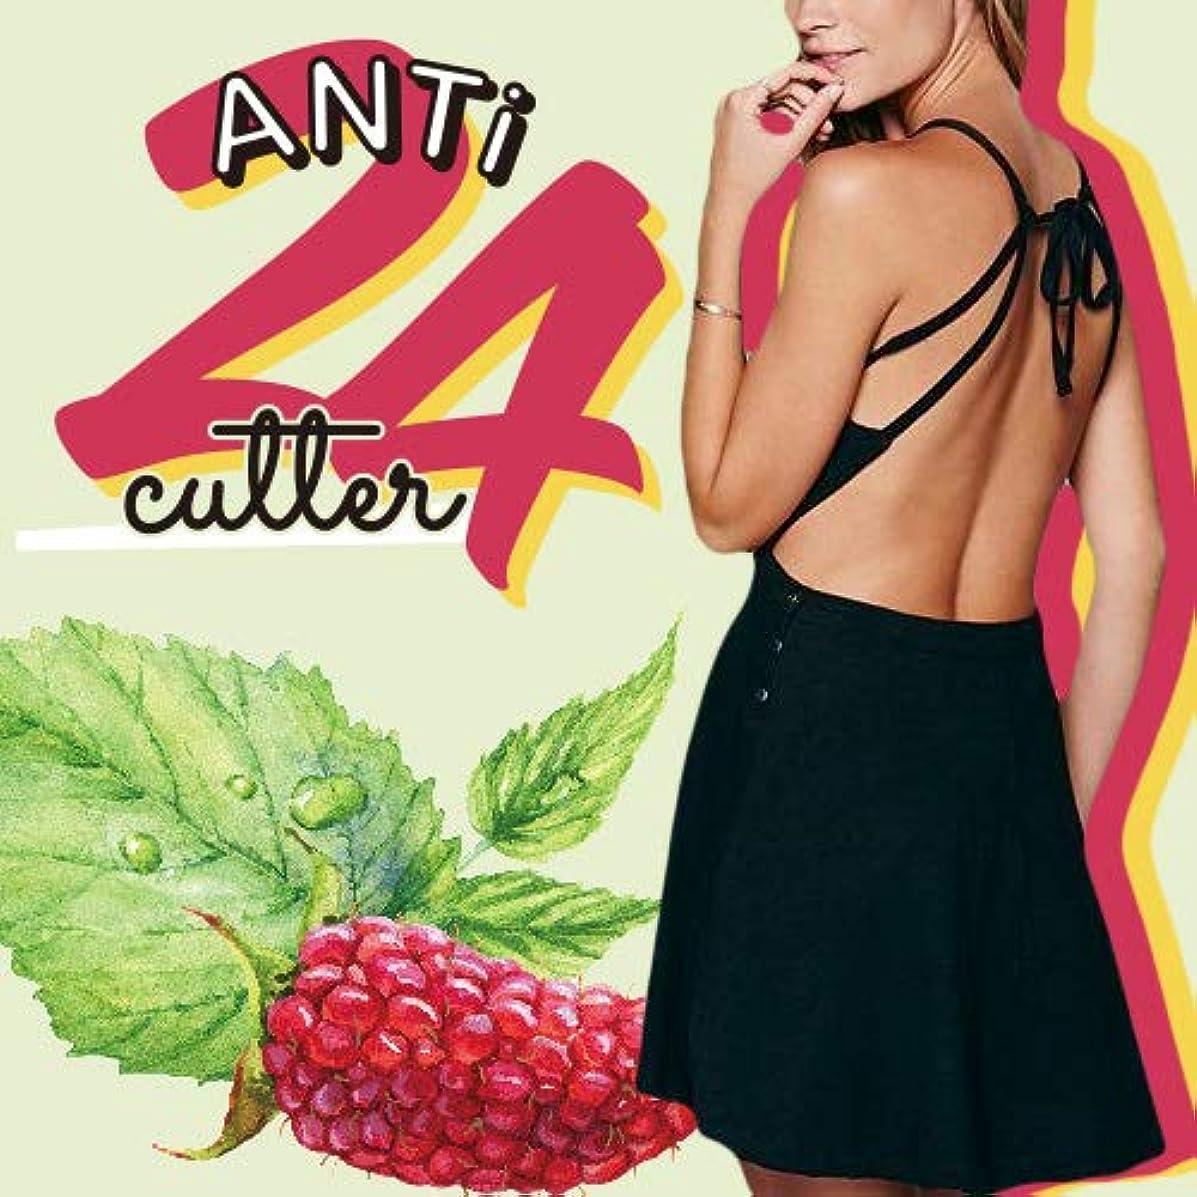 球状逆説サービスAnti 24 Cutter(アンチトゥエンティフォーカッター) ダイエット ダイエットサプリ